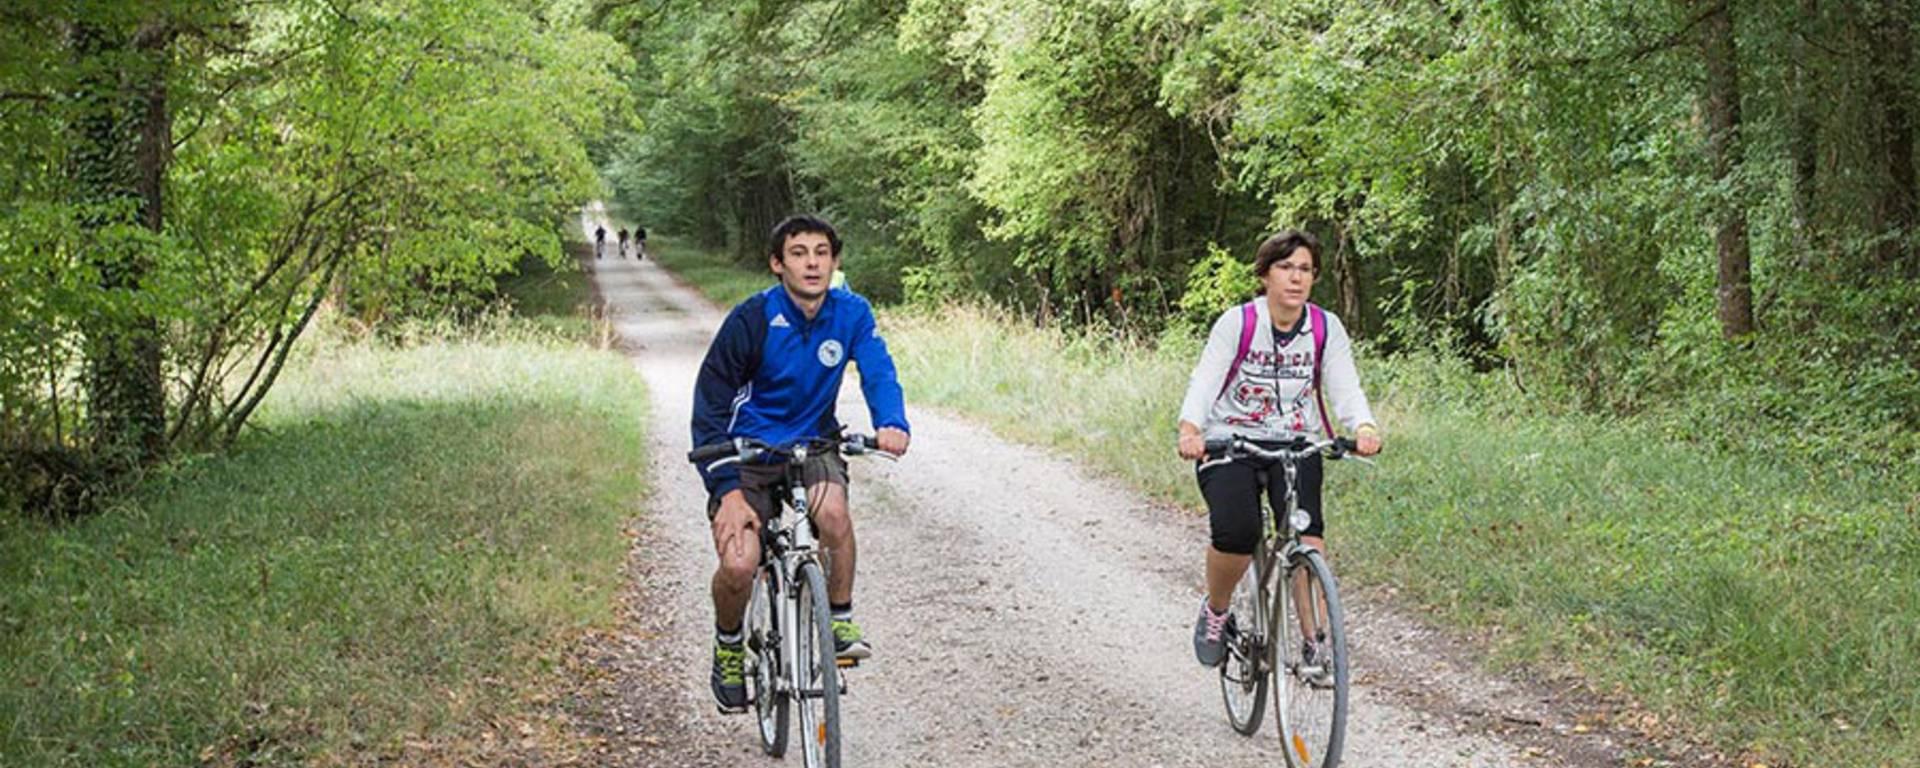 Échappées à vélo dans la forêt solognote. © OTBC